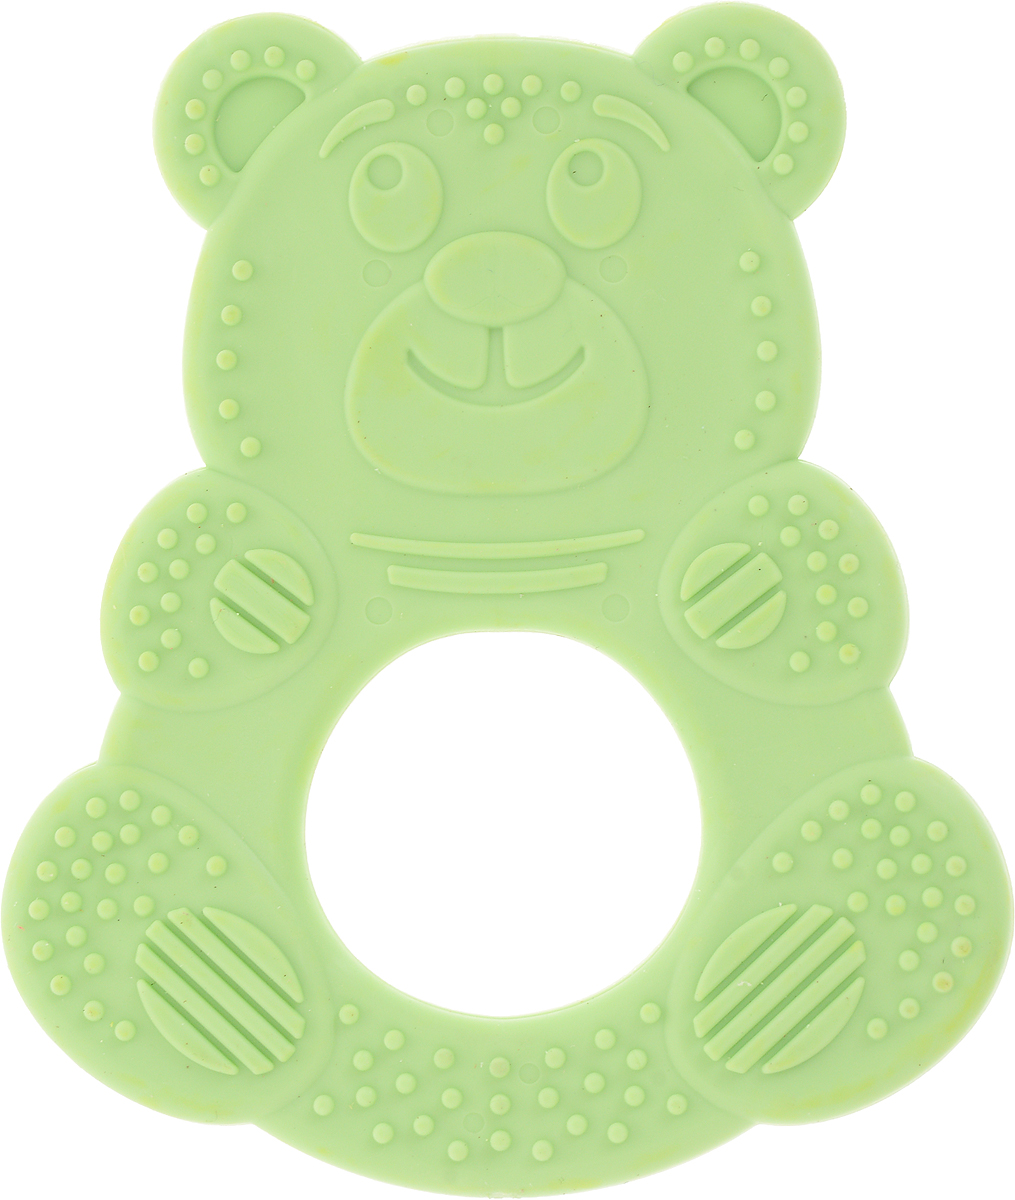 Пластмастер Прорезыватель Миша цвет зеленый пластмастер прорезыватель миша цвет желтый